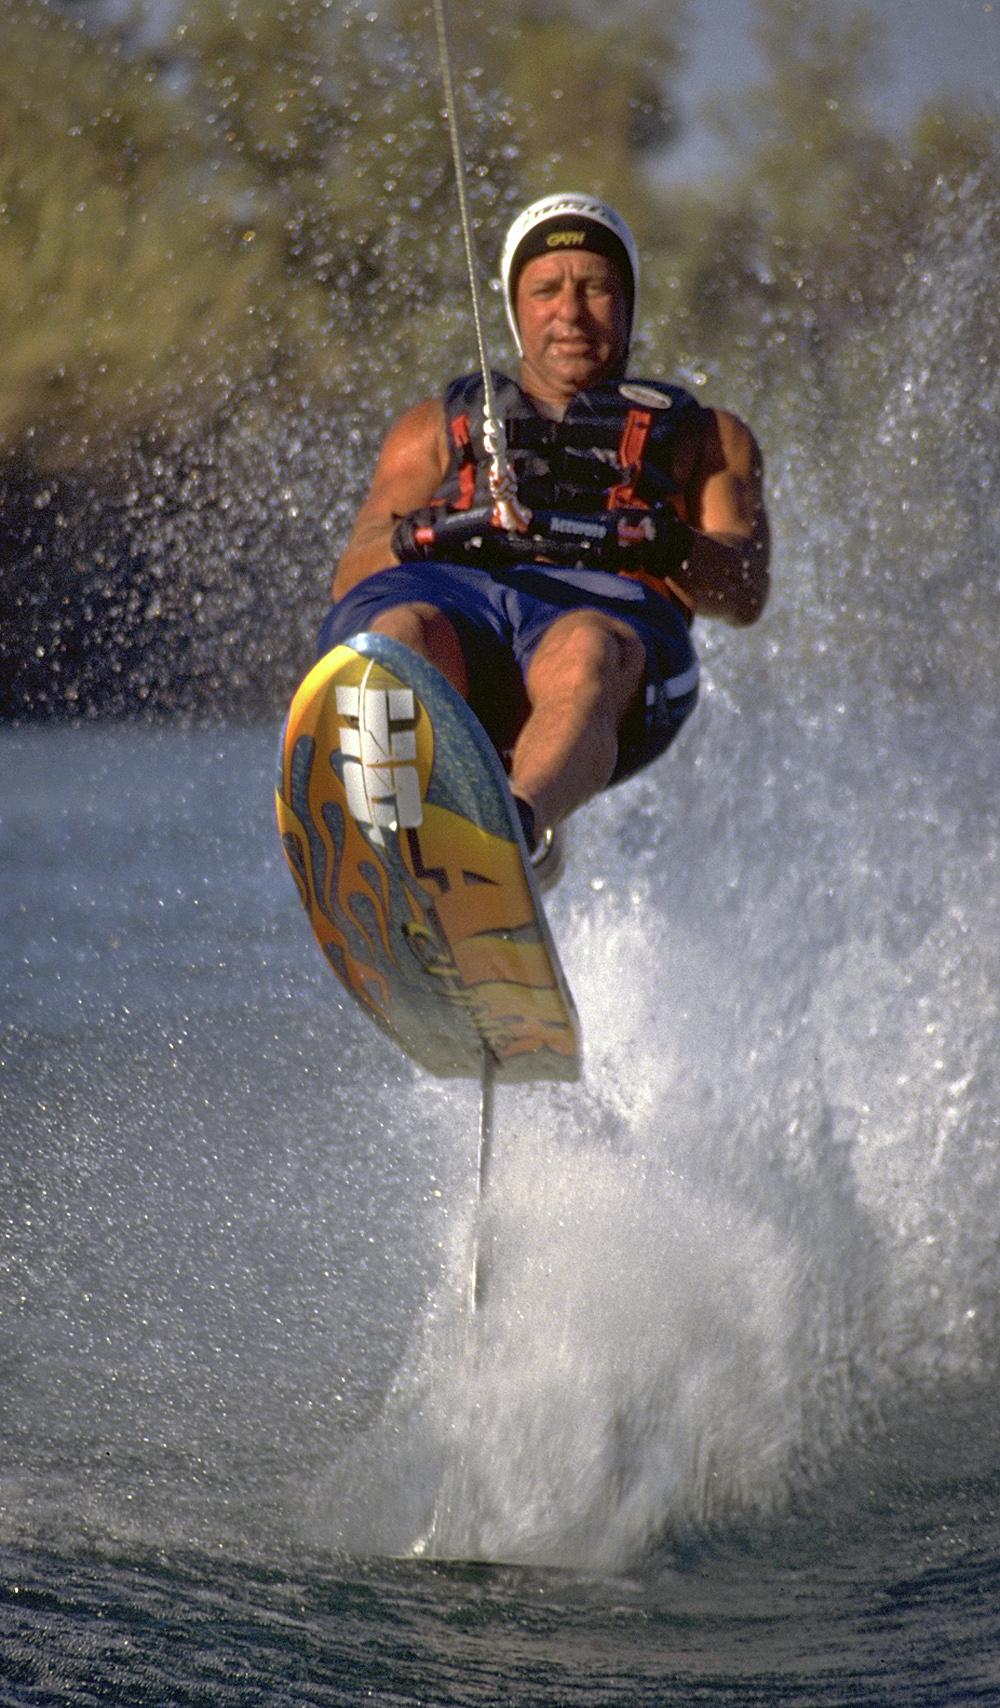 adventures-water-skiing-hydrofoiling-1996-mike-mack-skidder-gath-helmet